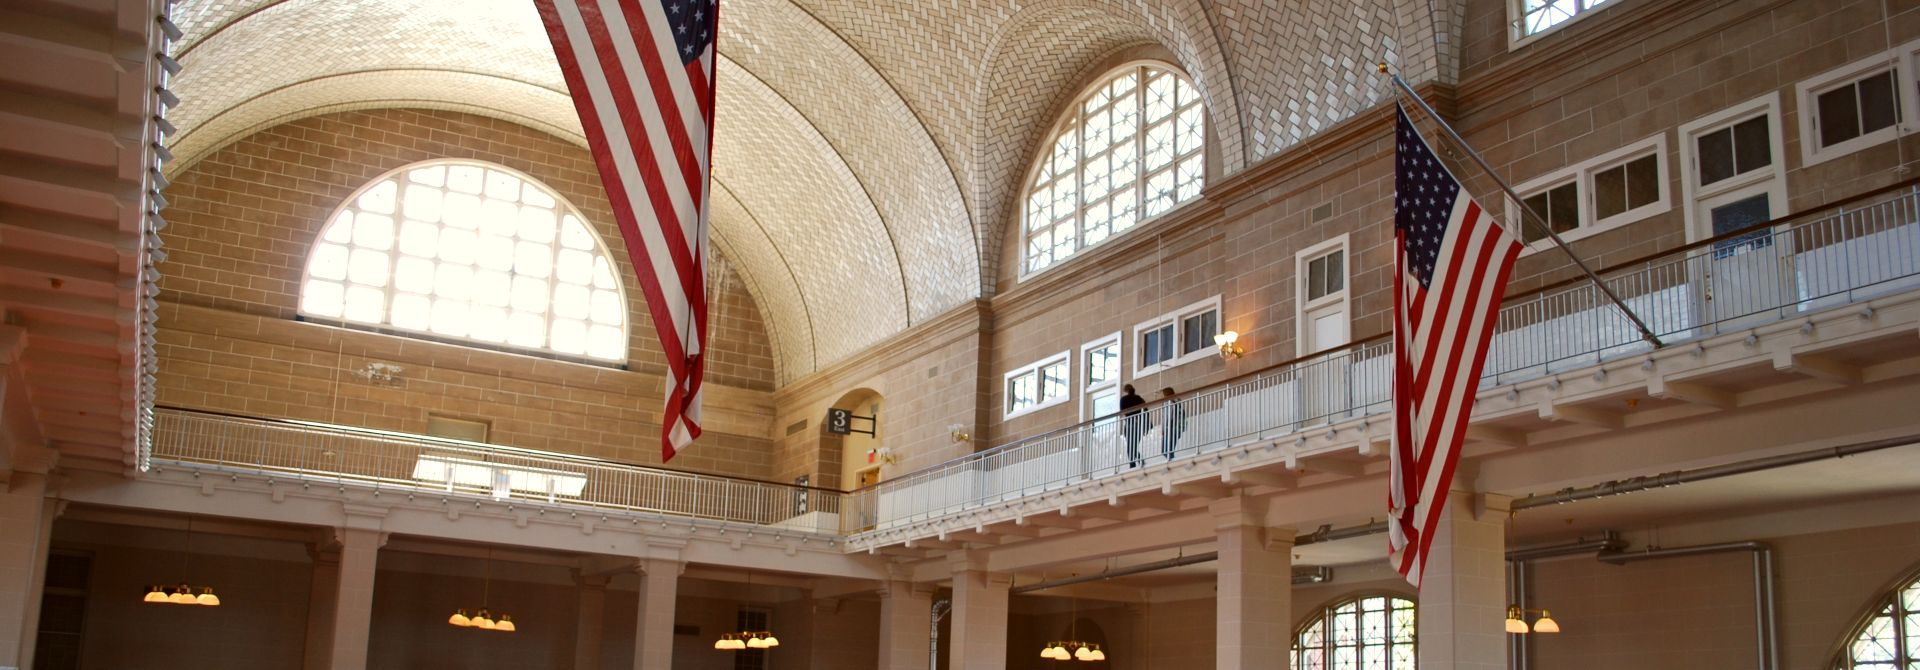 Ellis Island Hero